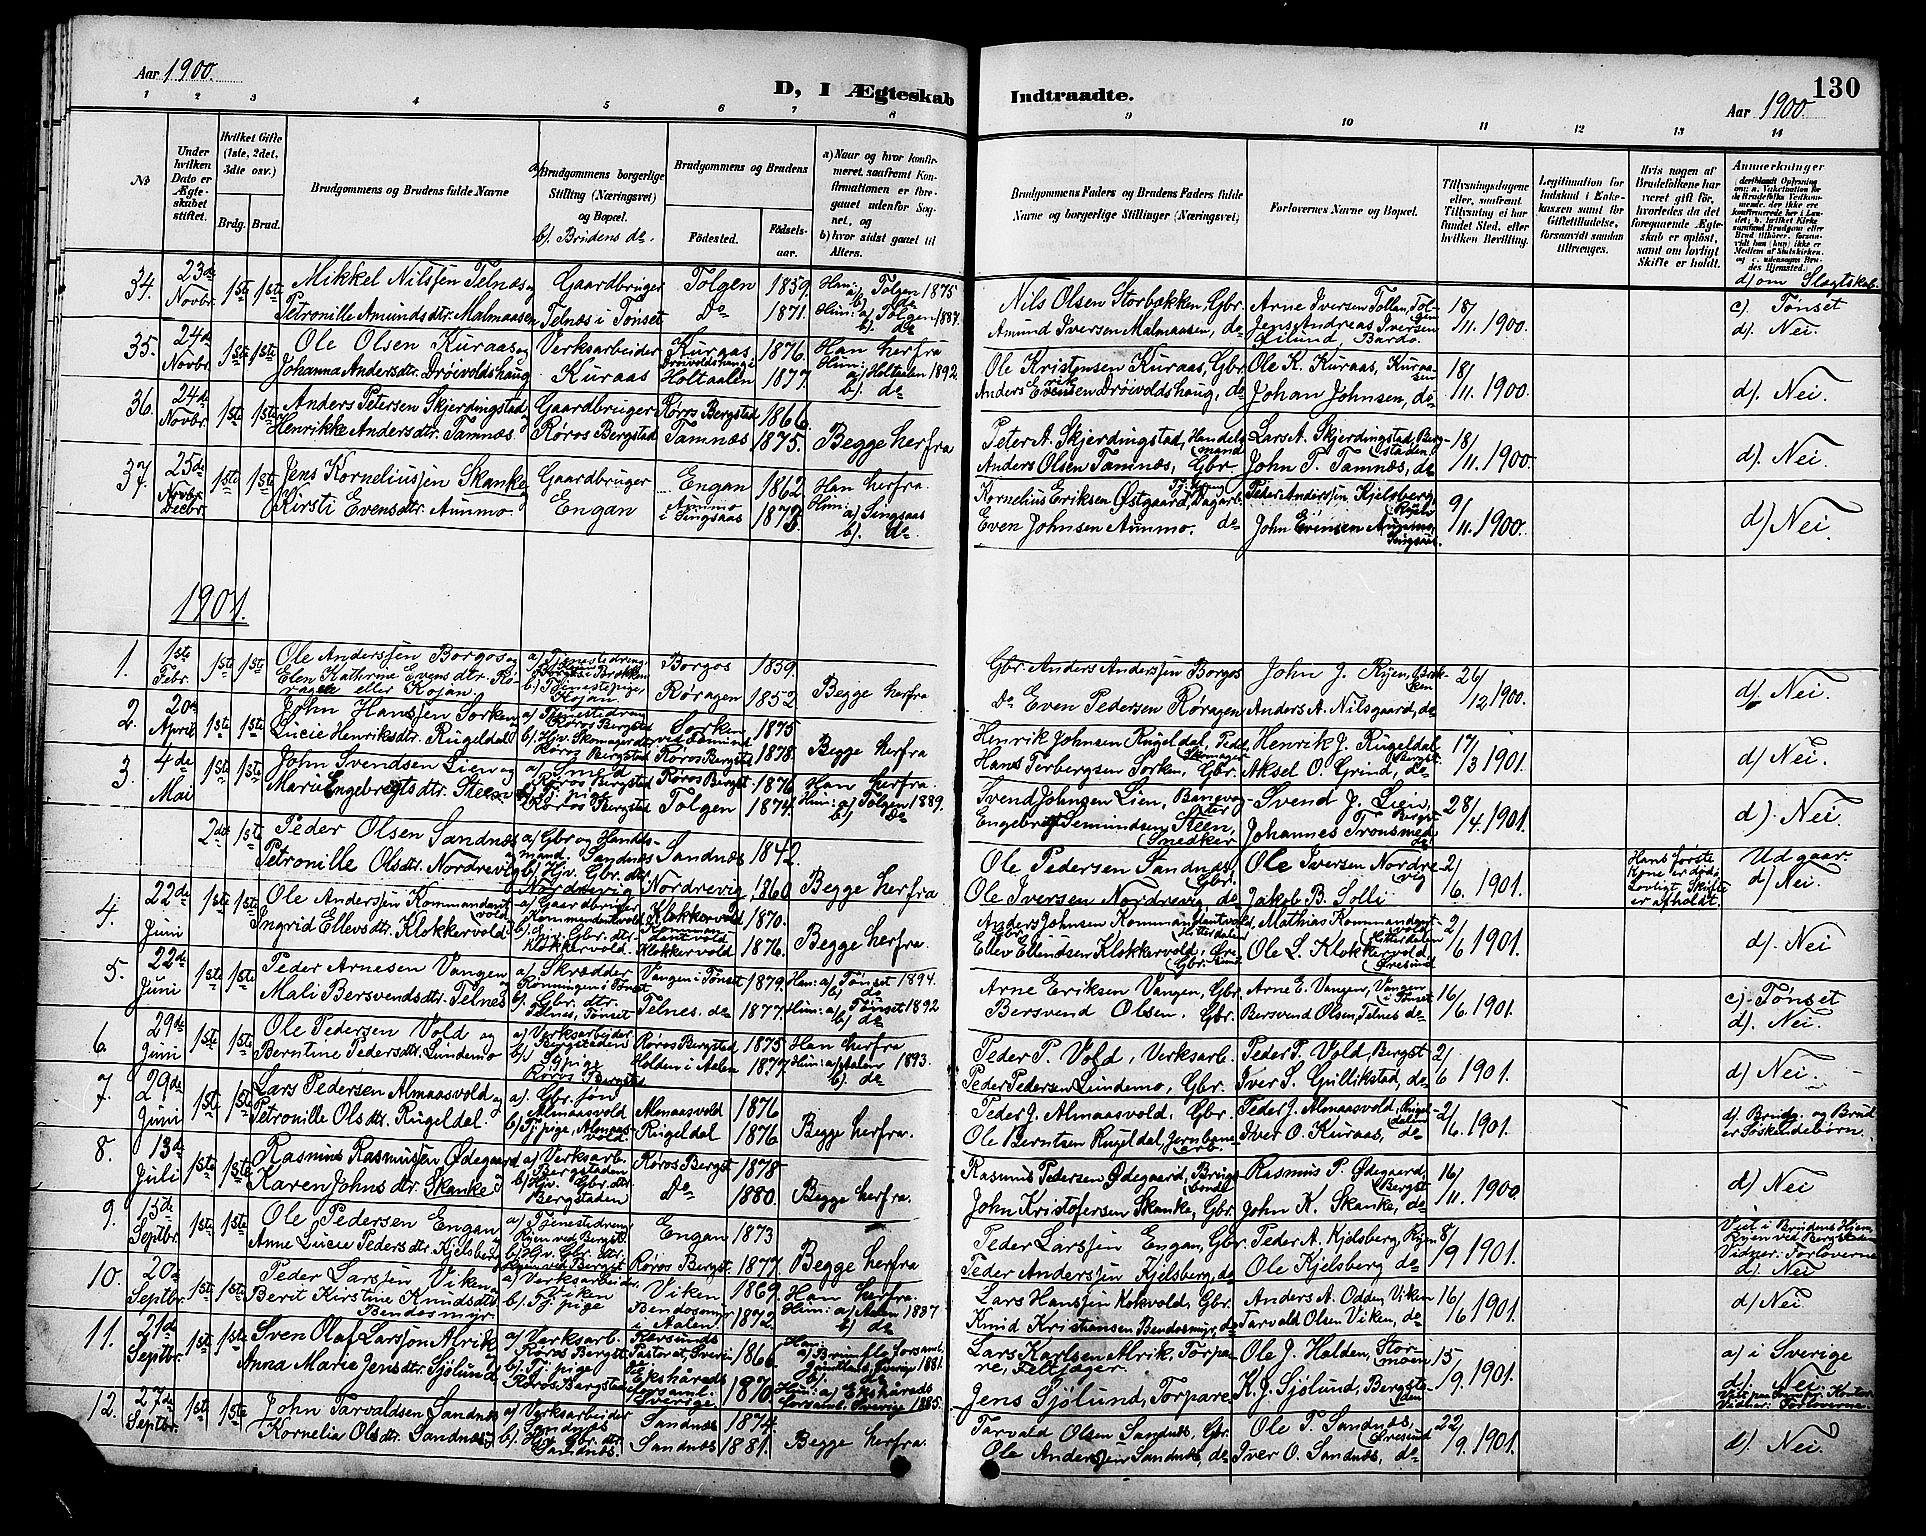 SAT, Ministerialprotokoller, klokkerbøker og fødselsregistre - Sør-Trøndelag, 681/L0941: Klokkerbok nr. 681C05, 1896-1905, s. 130